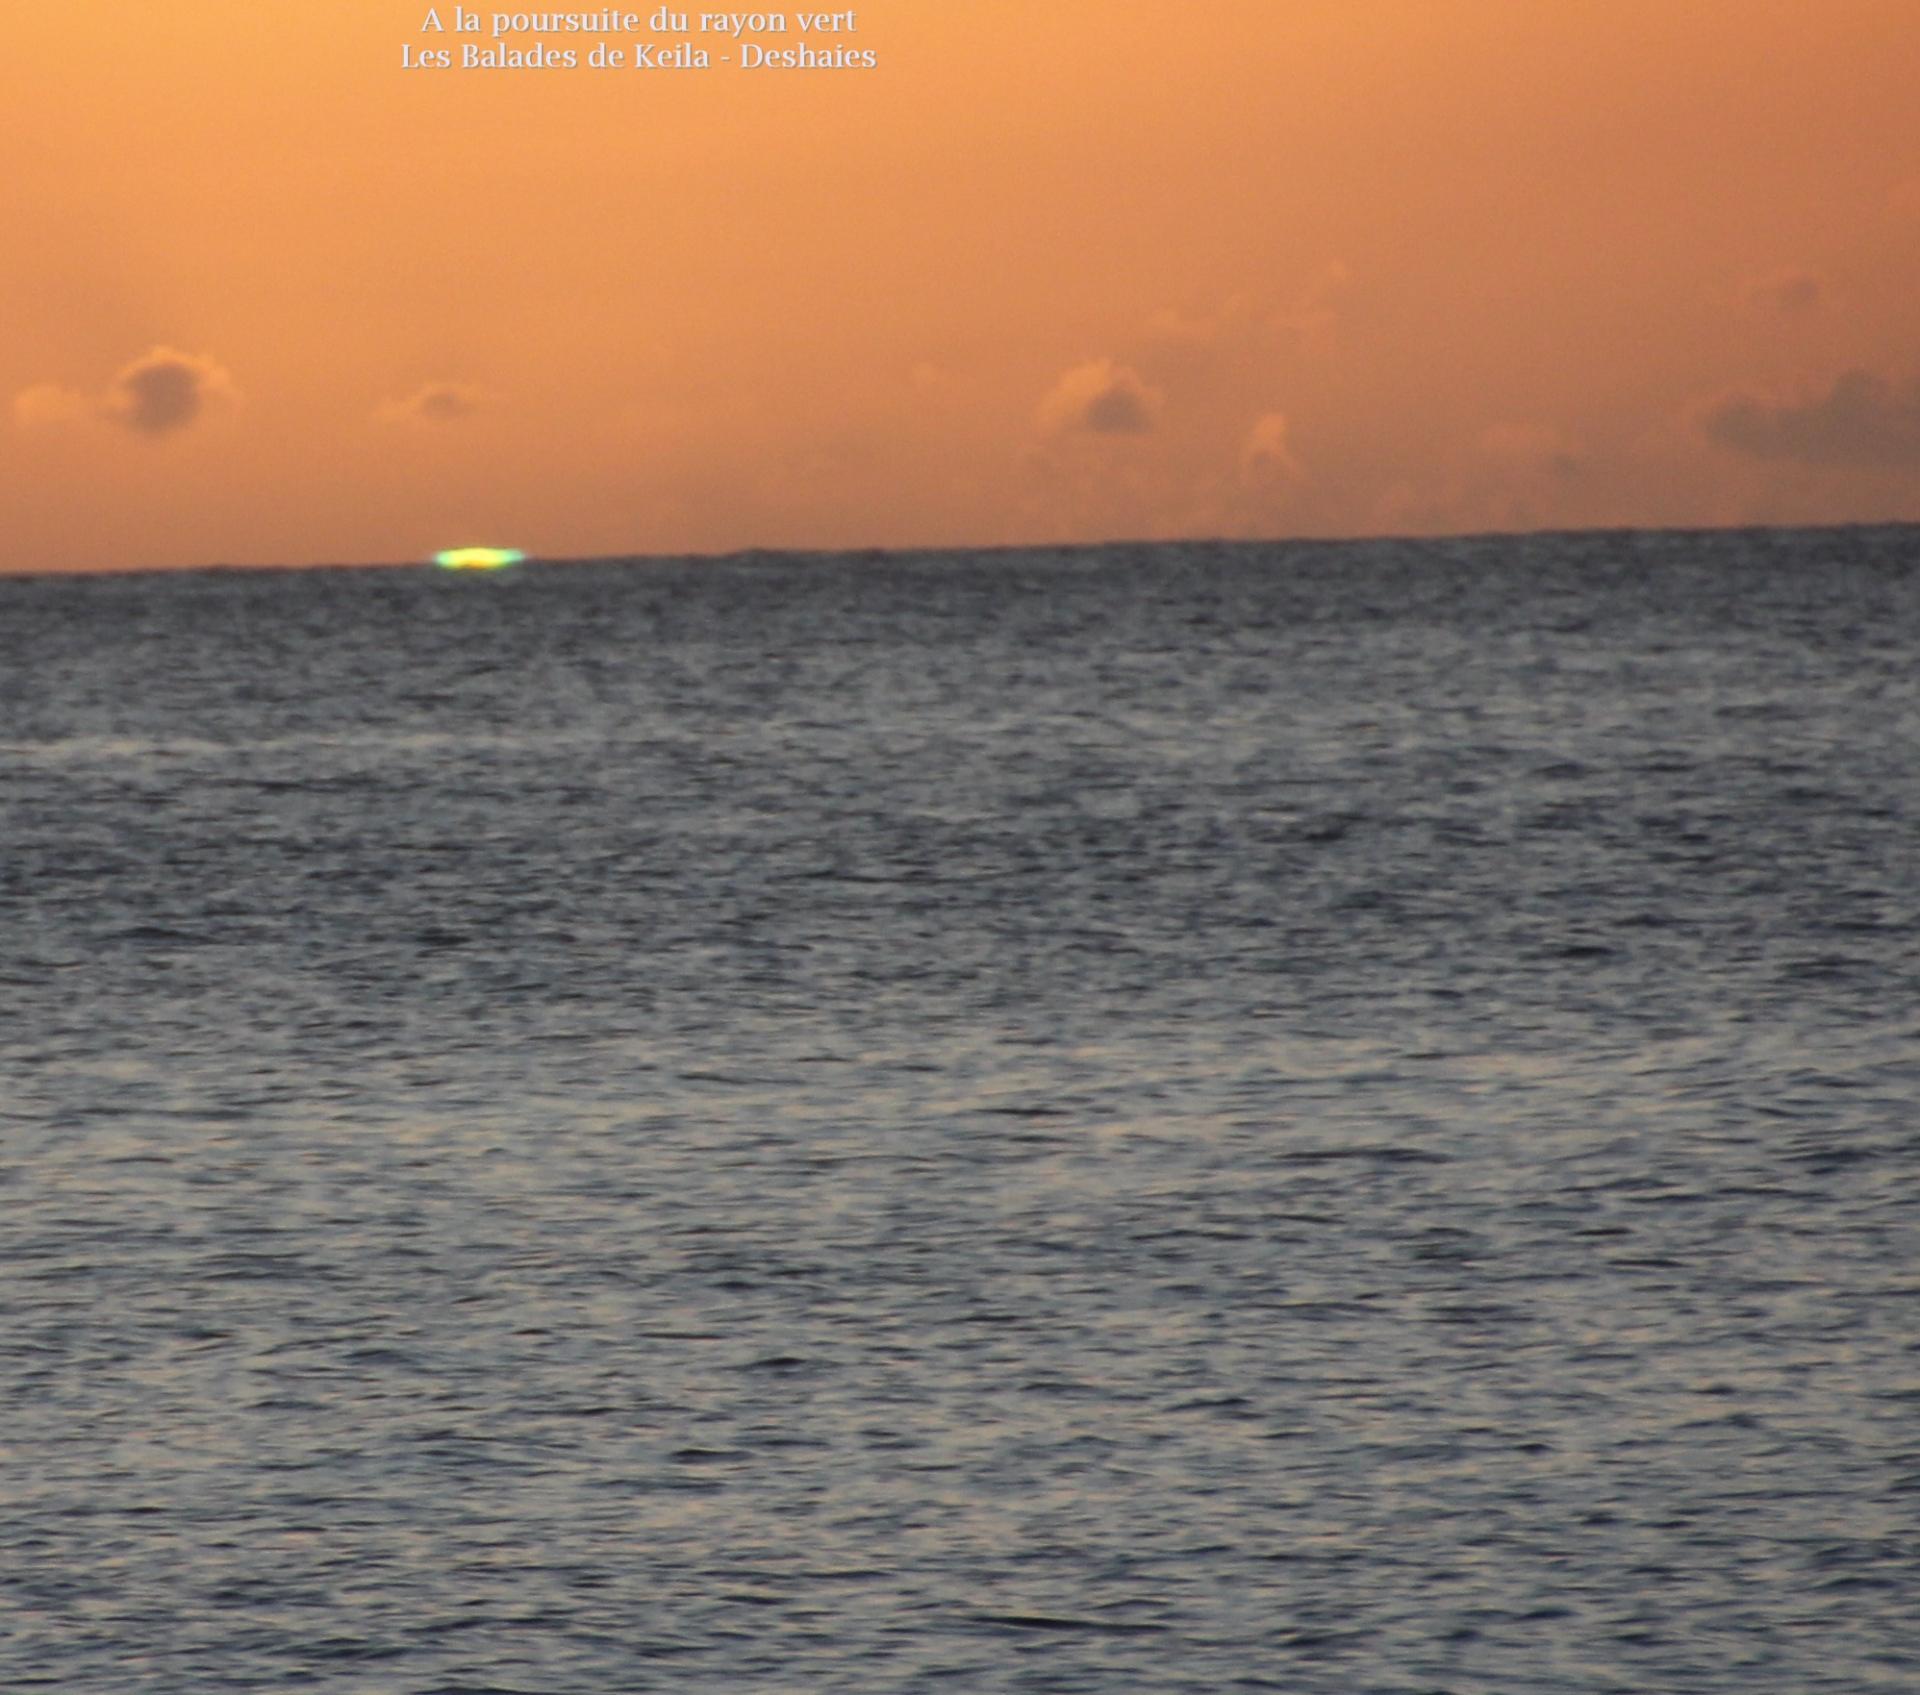 Keila Deshaies Guadeloupe, Un voilier à la poursuite du rayon vert